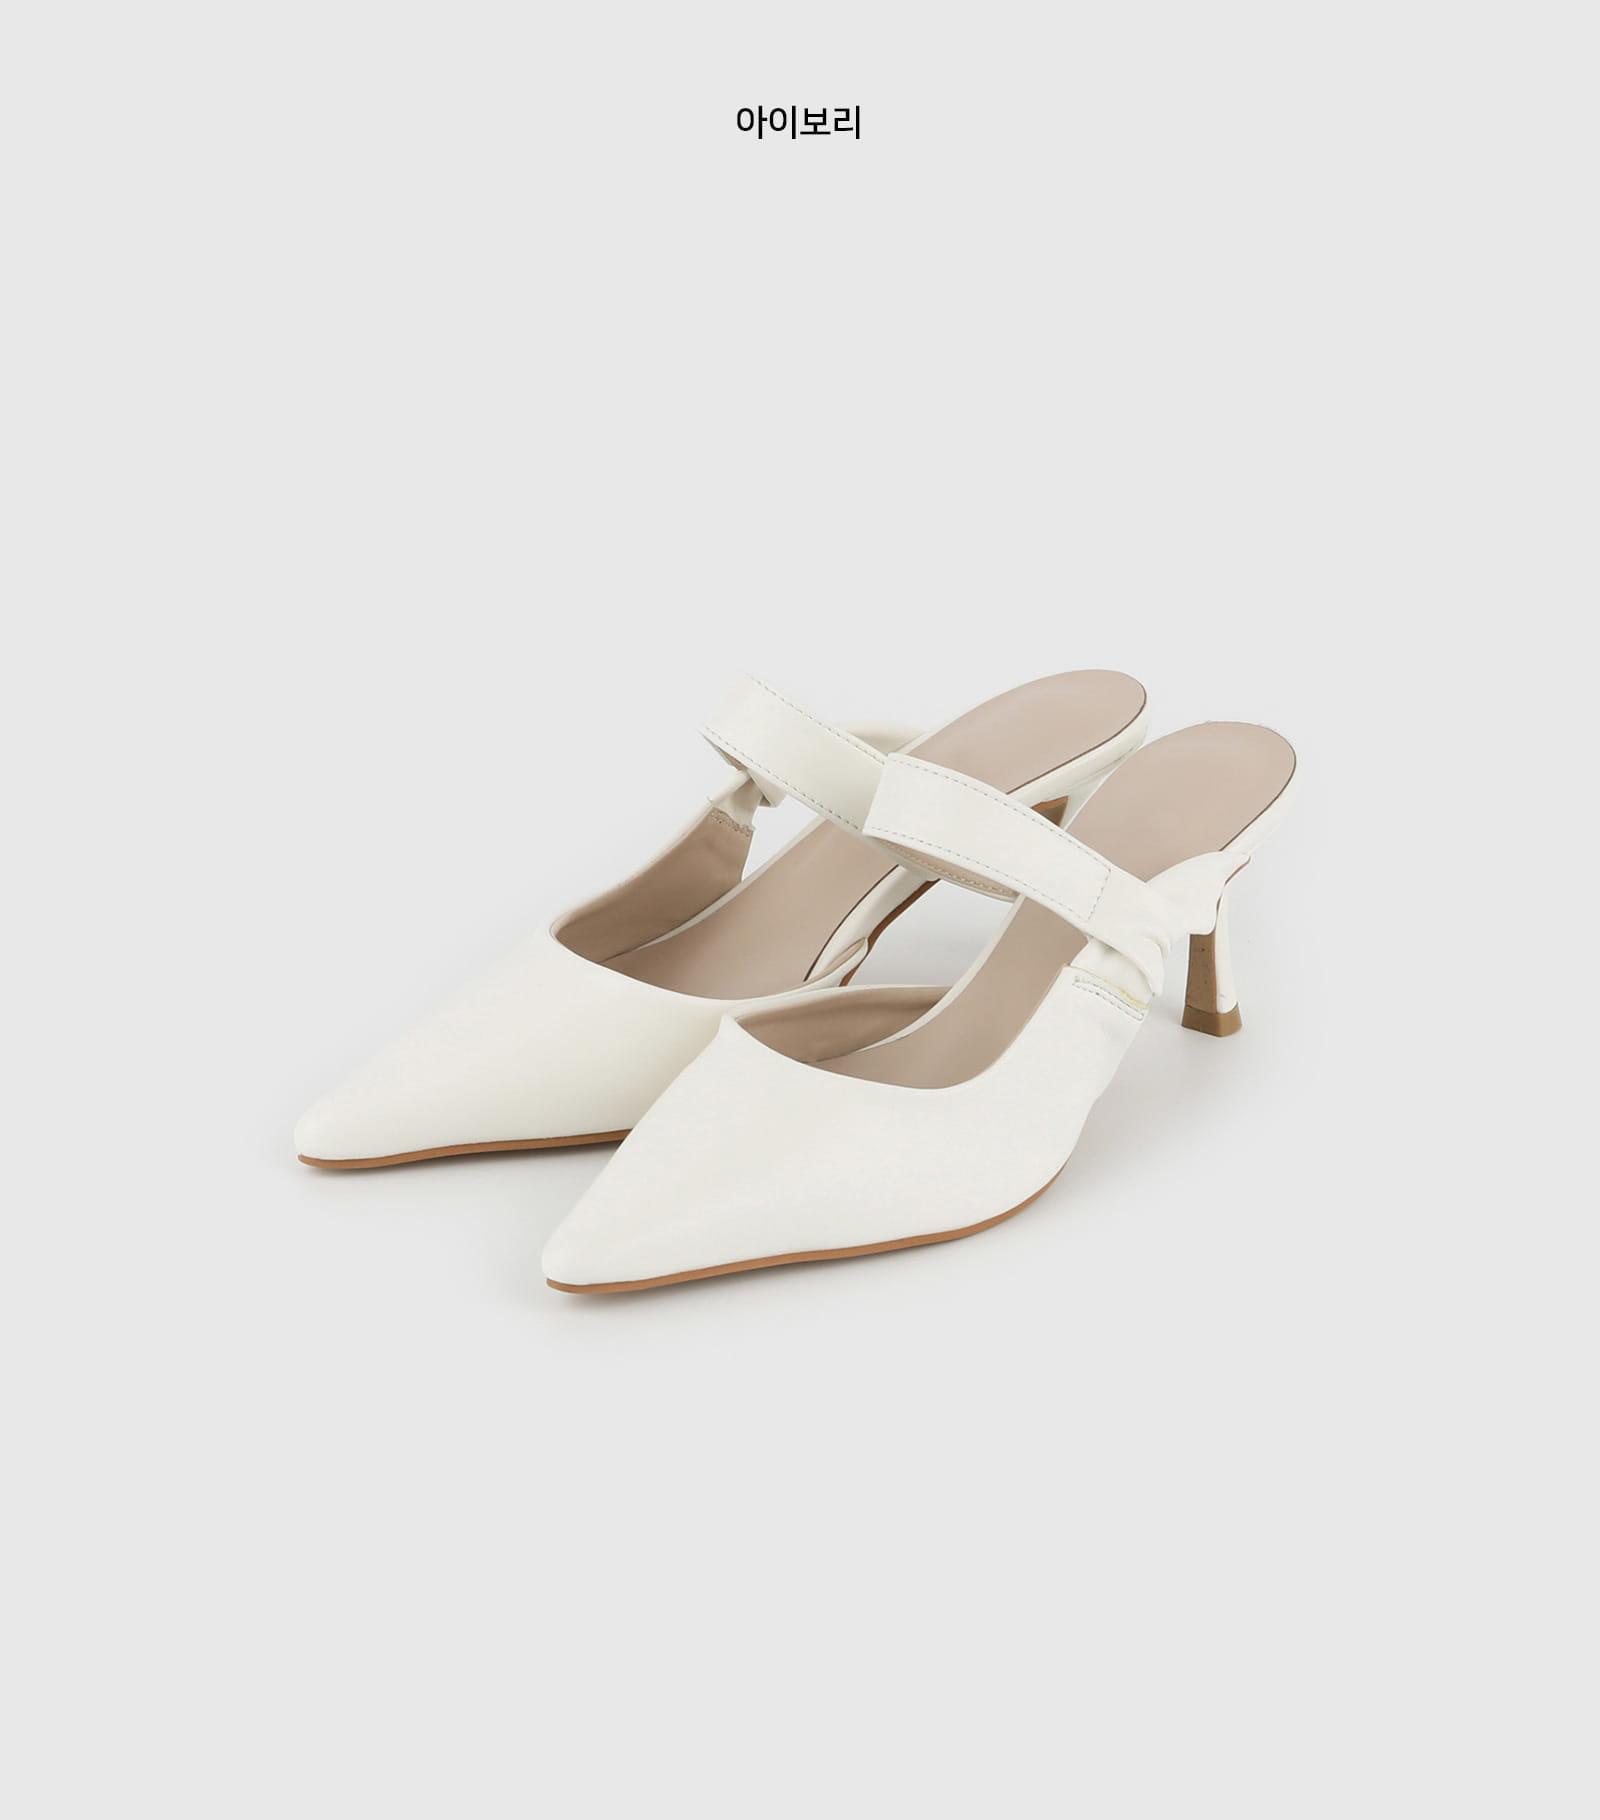 Center Stiletto High Heel Mule